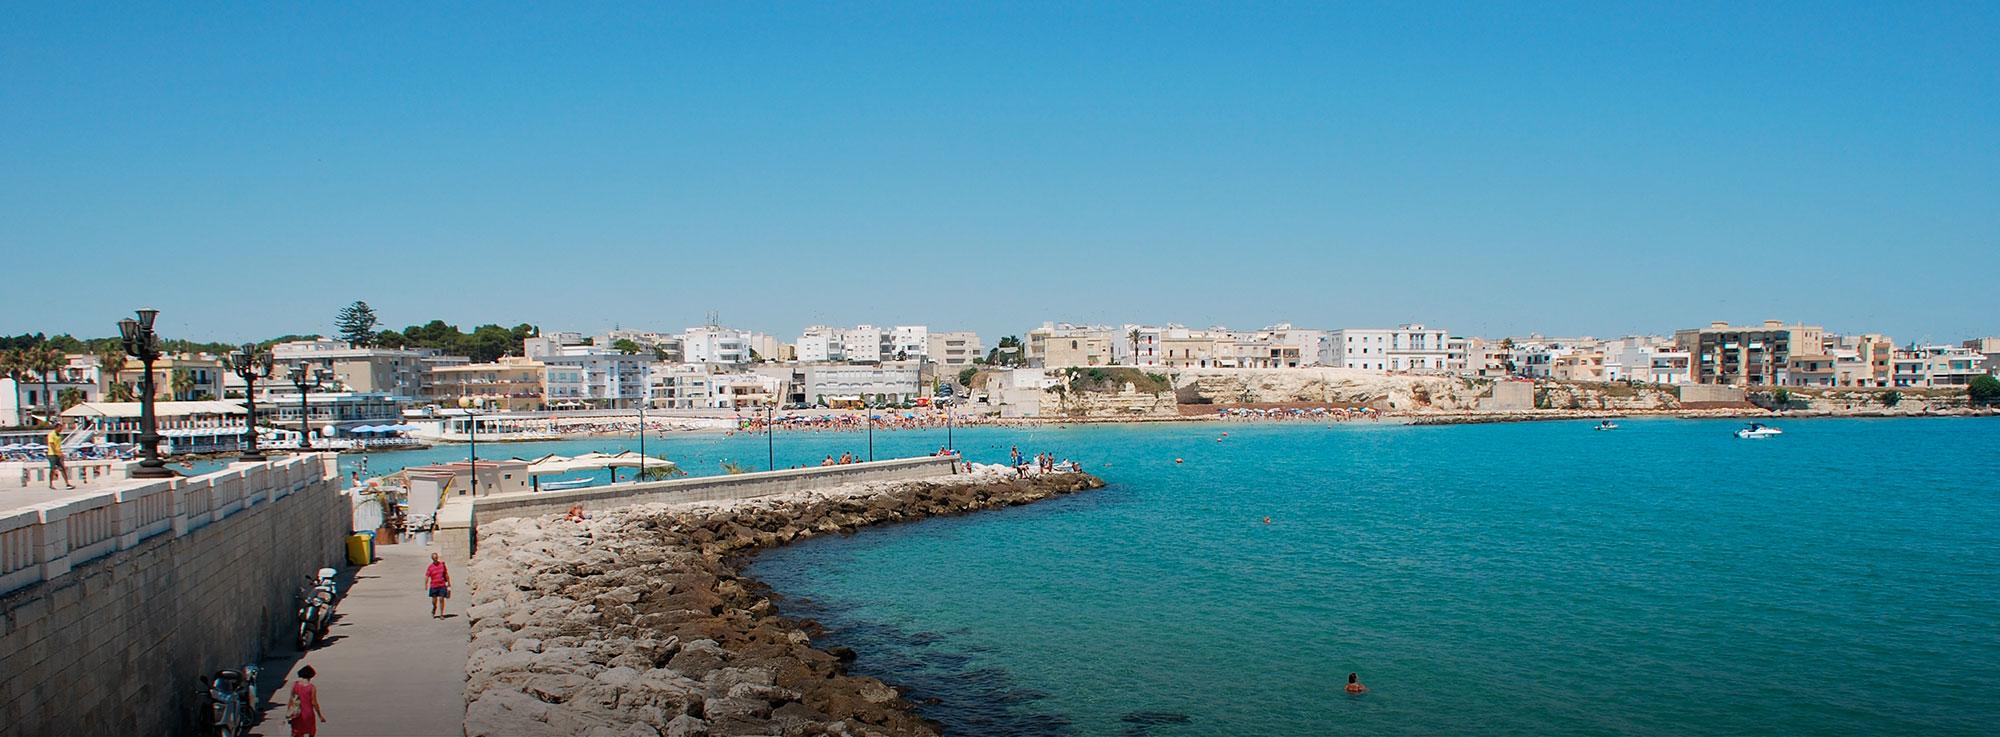 Otranto: TranSalentina del Sole